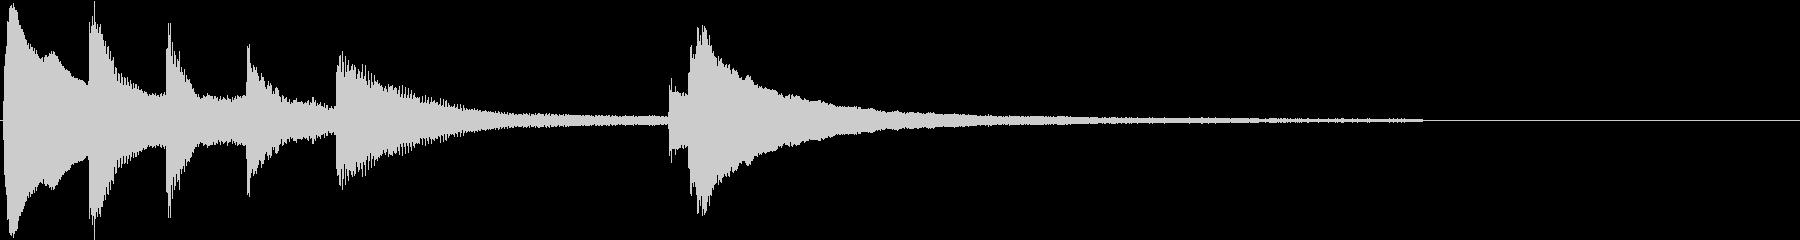 優しいピアノジングル 温かい心の未再生の波形